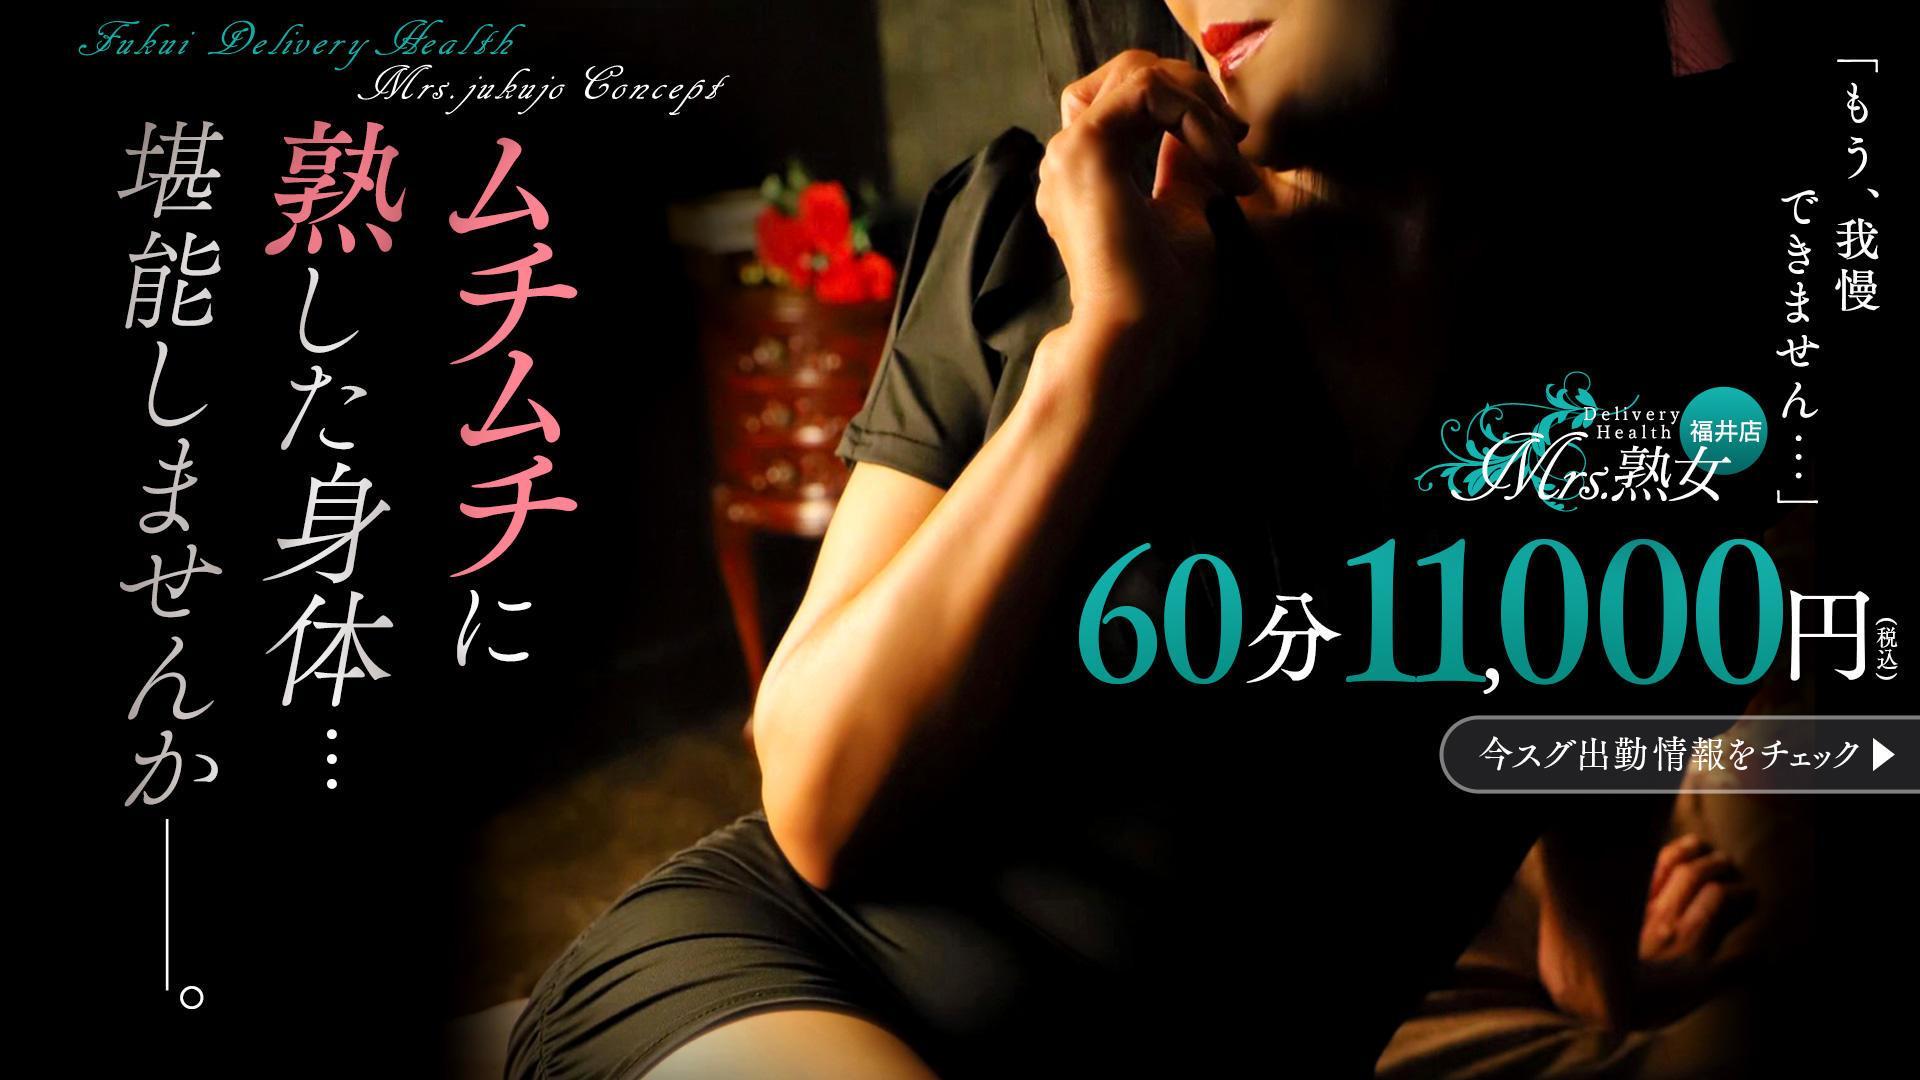 風俗 福井 【体験レポ】あわら温泉のおすすめ風俗4選!福井美女と濃厚プレイできる!